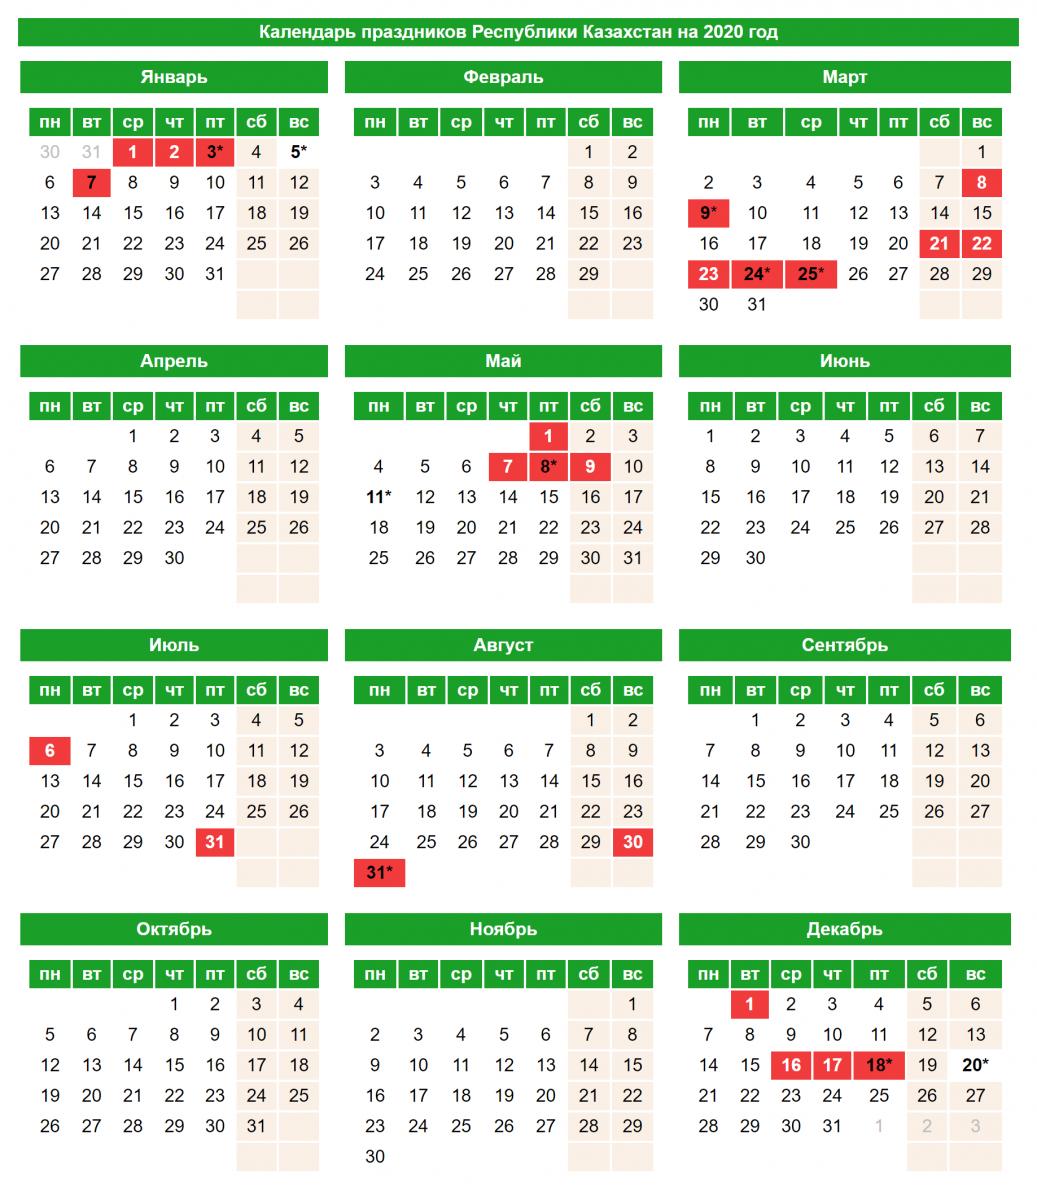 Праздничные И Выходные Дни В Республике Казахстан В 2020